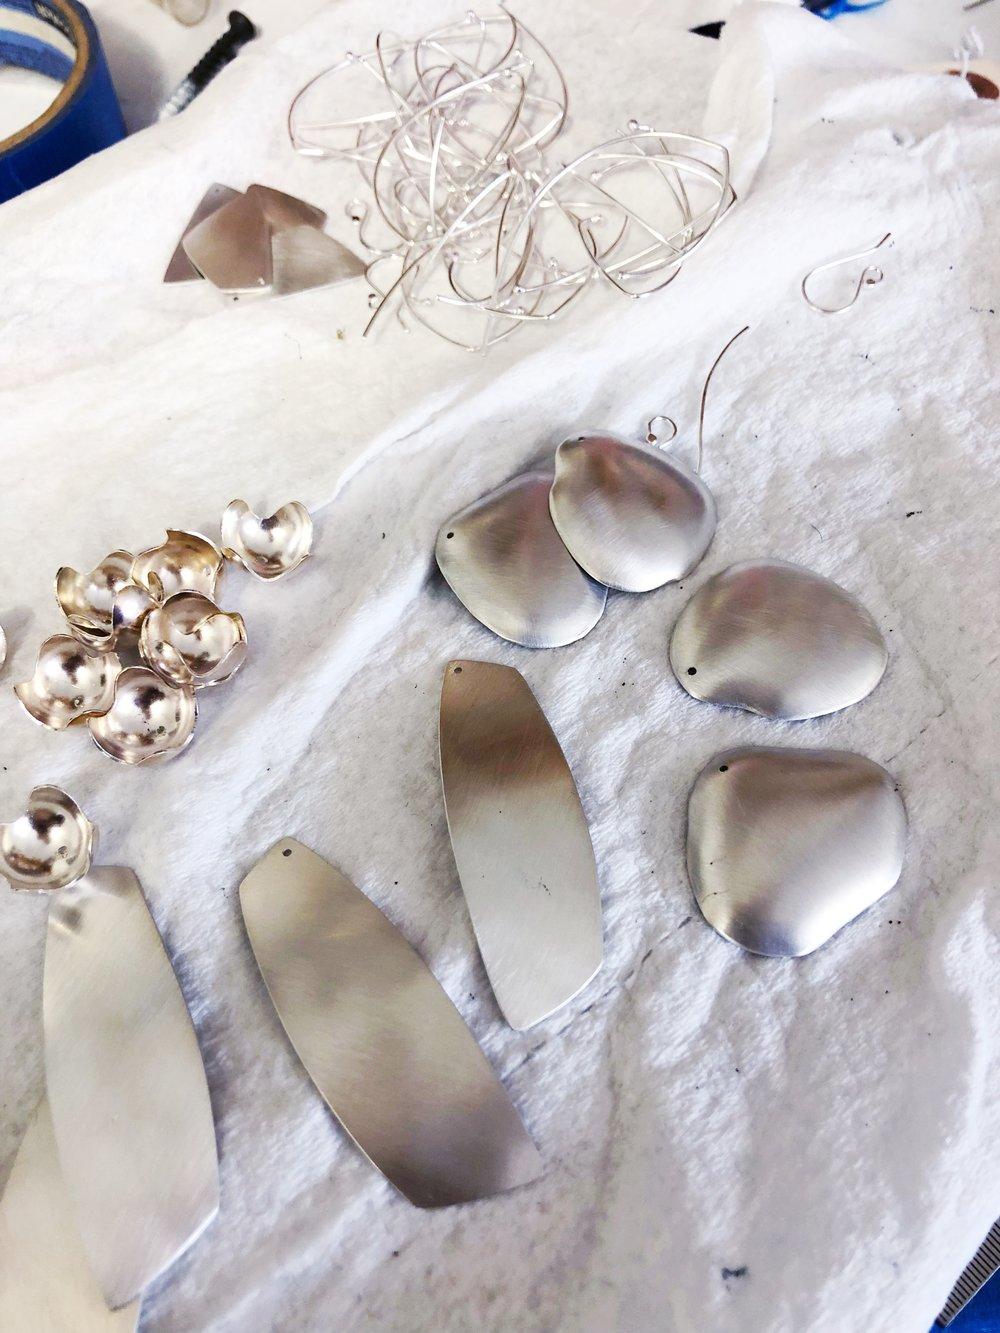 Earrings in Progress